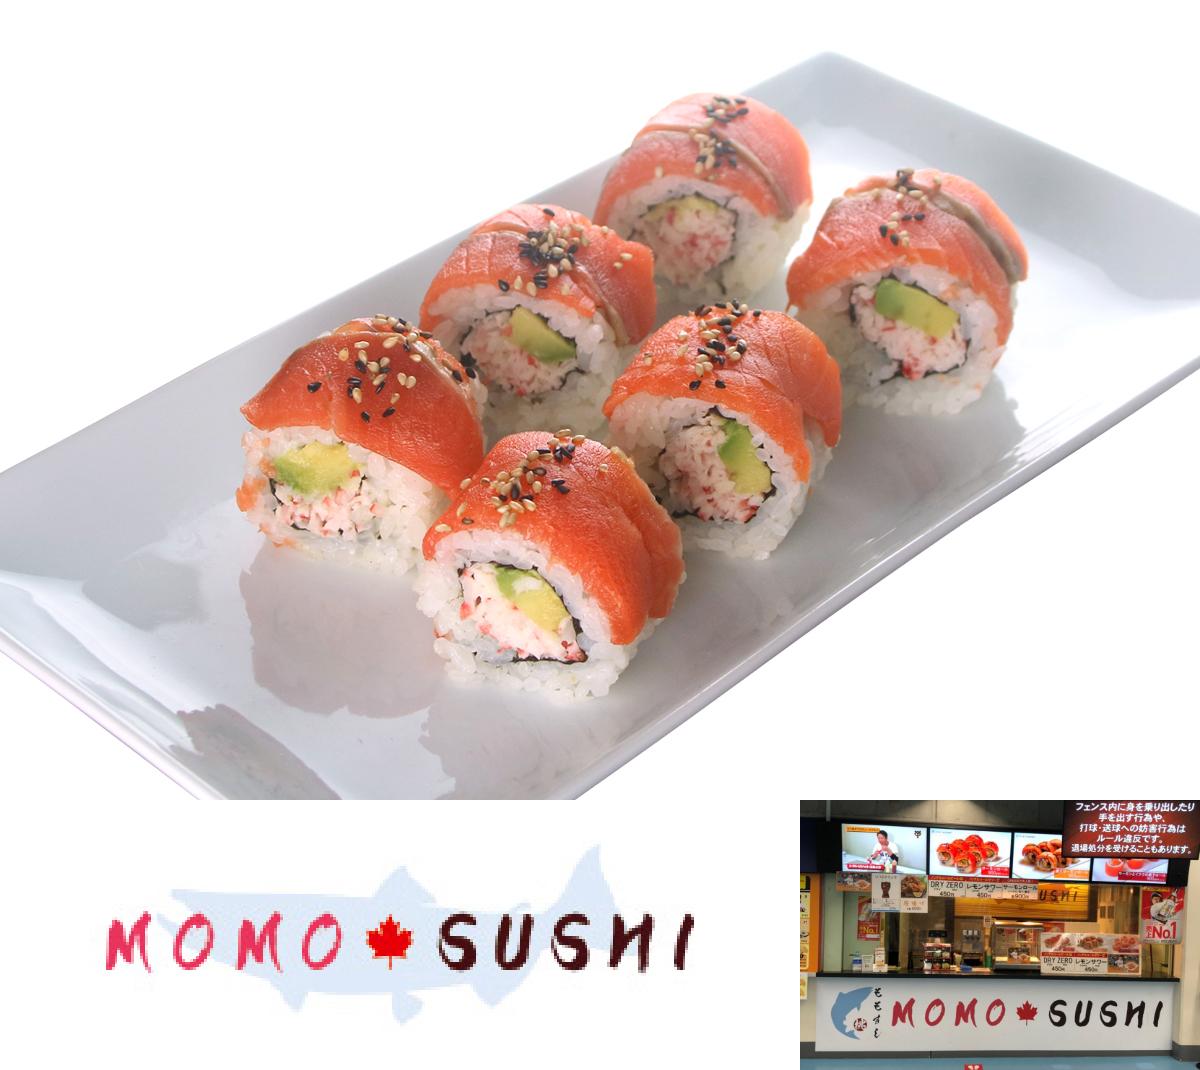 ロール寿司専門店 MOMOSUSHI 東京ドーム店